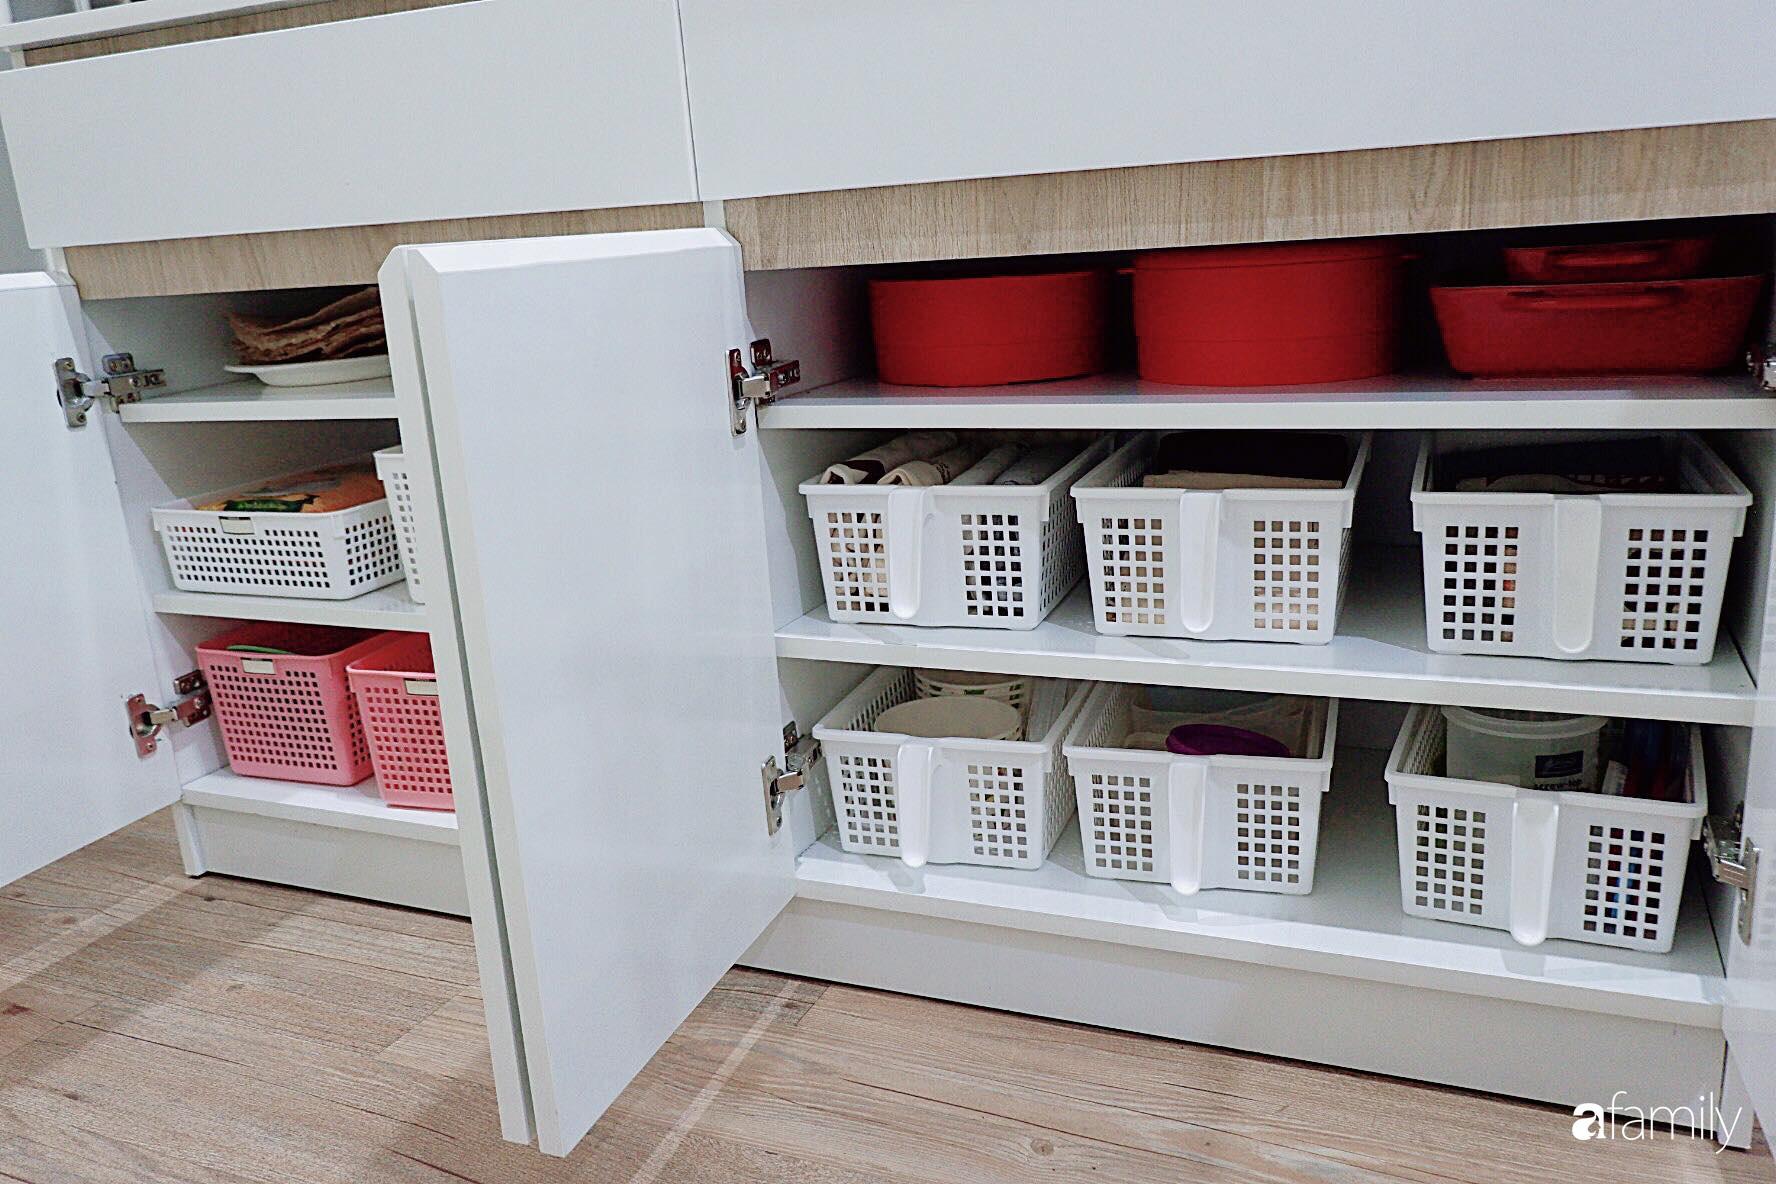 Căn bếp nhỏ xíu xây nhiều năm vẫn gọn đẹp như mới ở TP. HCM - Ảnh 6.